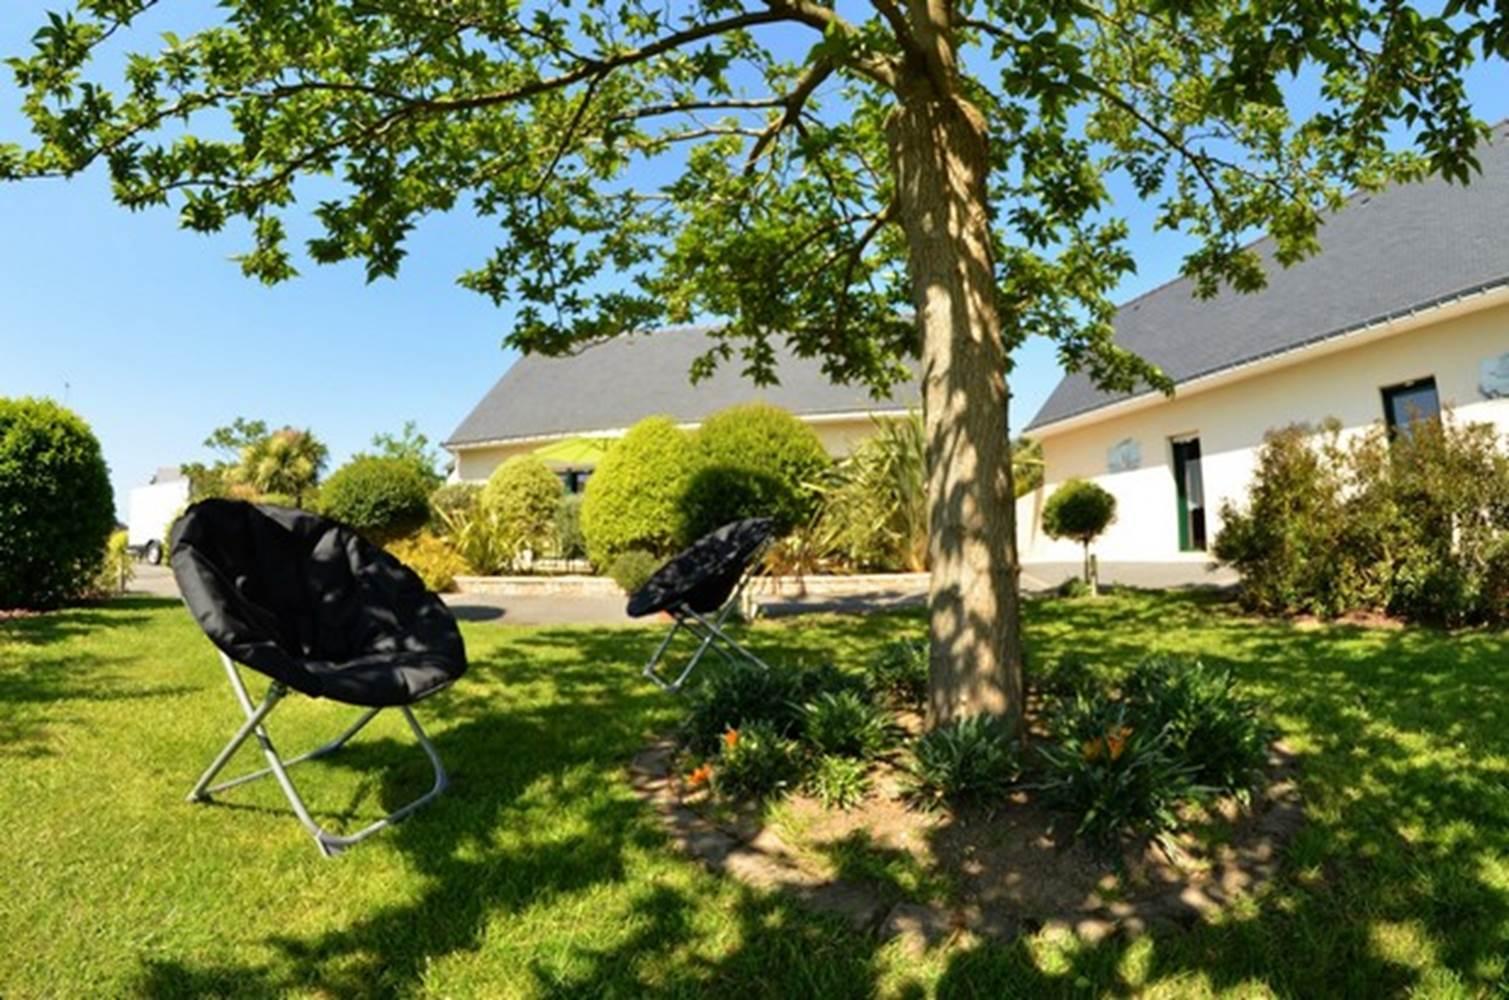 Location Keraron-Belz Morbihan Bretagne sud © KERARON